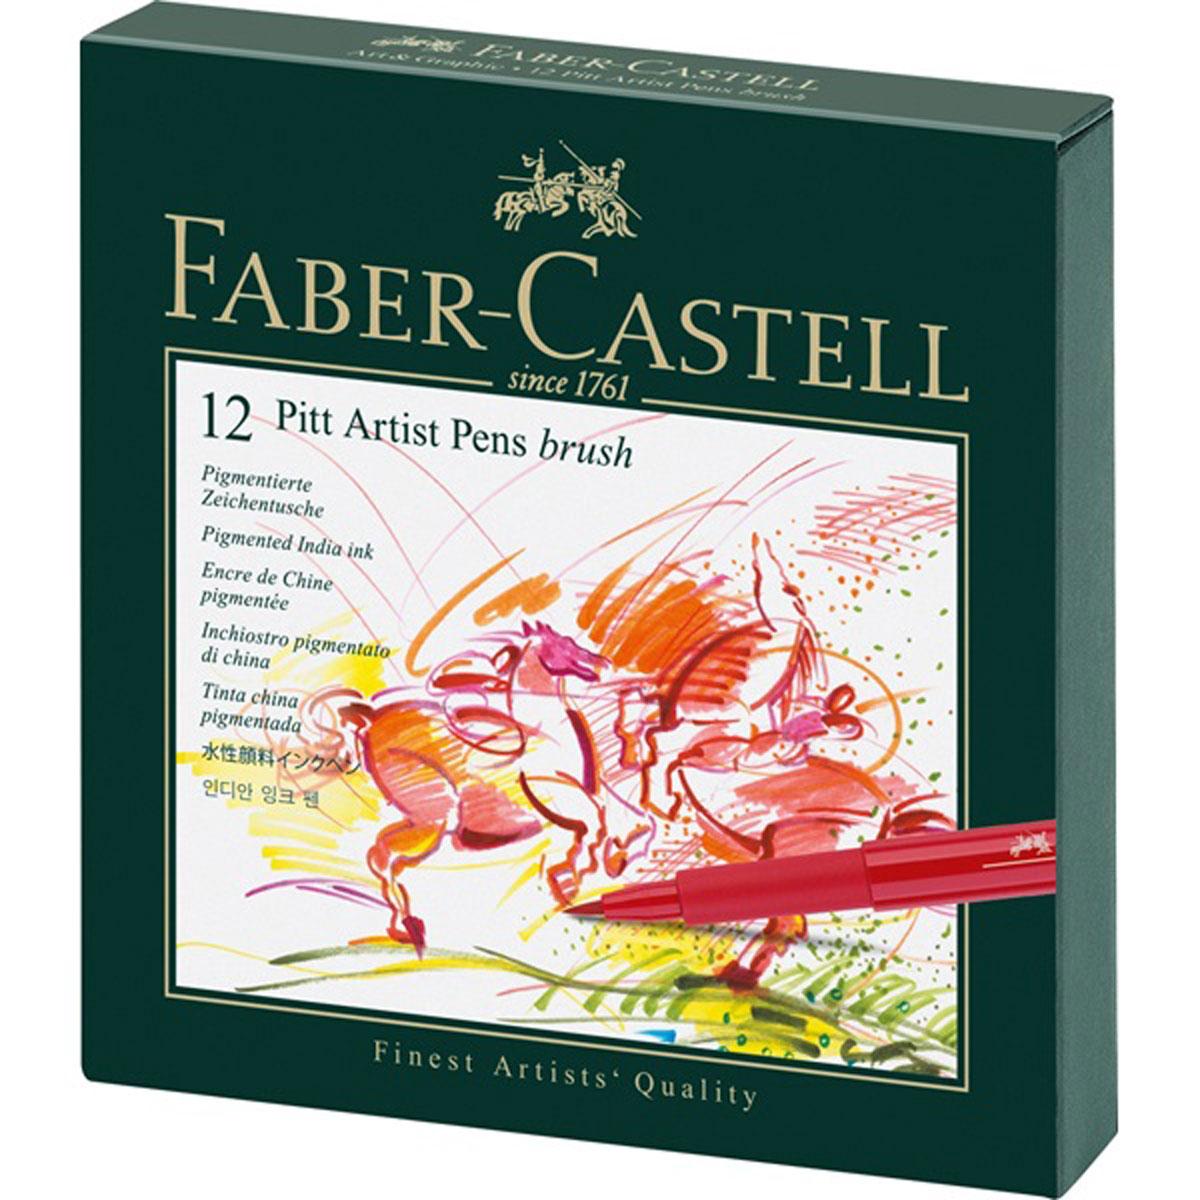 Faber-Castell Набор капиллярных ручек Pitt Artist Pens 12 шт167146Набор капиллярных ручек Faber-Castell Pitt Artist Pens включает в себя 12 современных художественных капиллярных ручек для набросков тушью, рисования и живописи с наконечником-кисточкой. Ручки идеальны для художников, дизайнеров, иллюстраторов, архитекторов и всех, кто любит создавать цветные рисунки. PH-нейтральные чернила без содержания кислот устойчивы к воздействию солнечных лучей, после высыхания водоустойчивы, не размазываются на бумаге, содержат пигменты наивысшего качества. Качественный наконечник-кисточка гарантирует максимальную упругость и надежную подачу чернил.